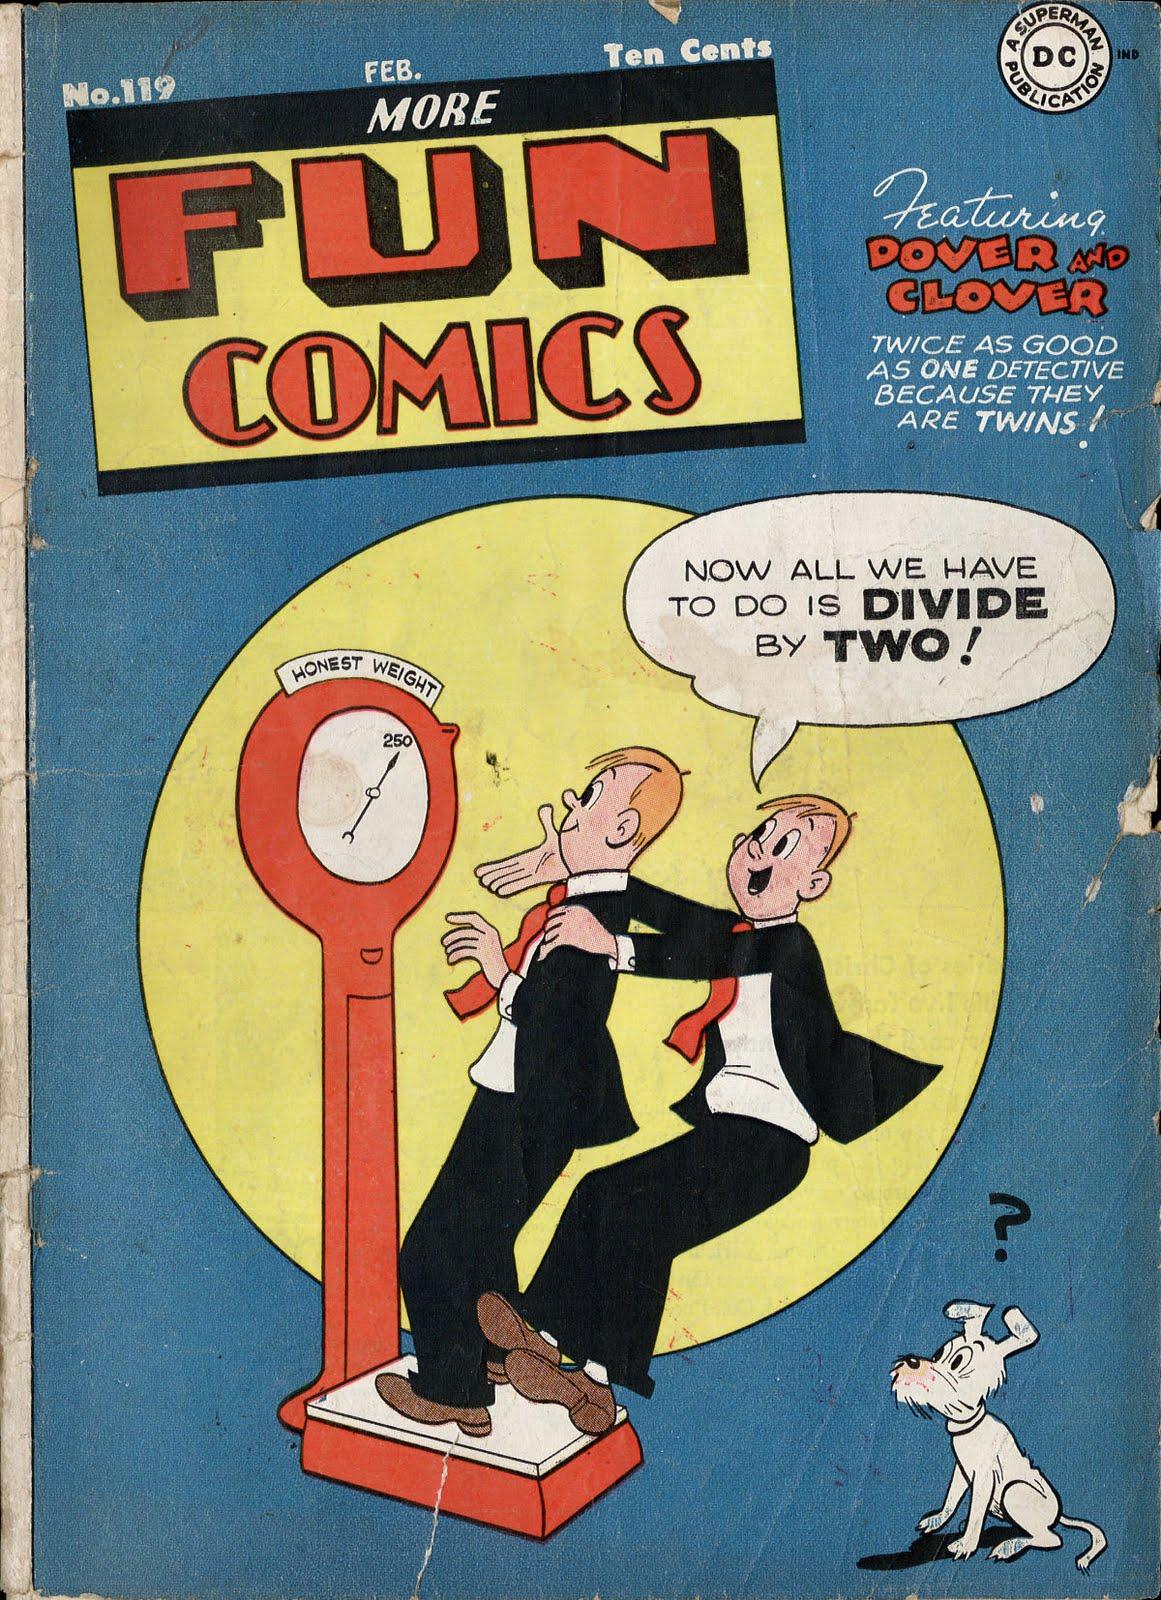 Hocus focus comic strip topic